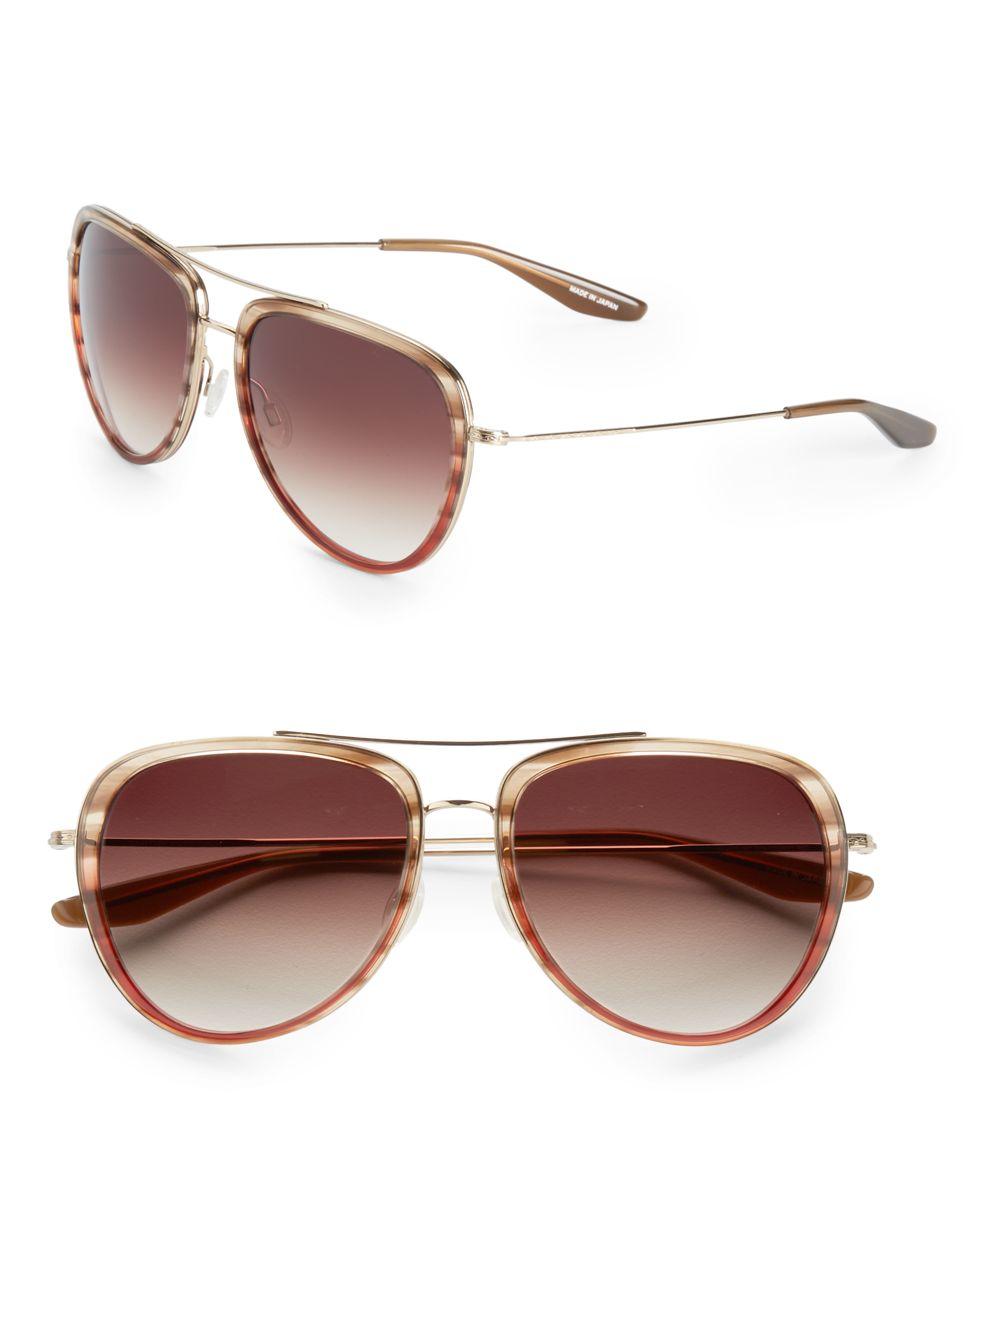 e8453fced6 Barton Perreira 56mm Rio Aviator Sunglasses in Brown - Lyst